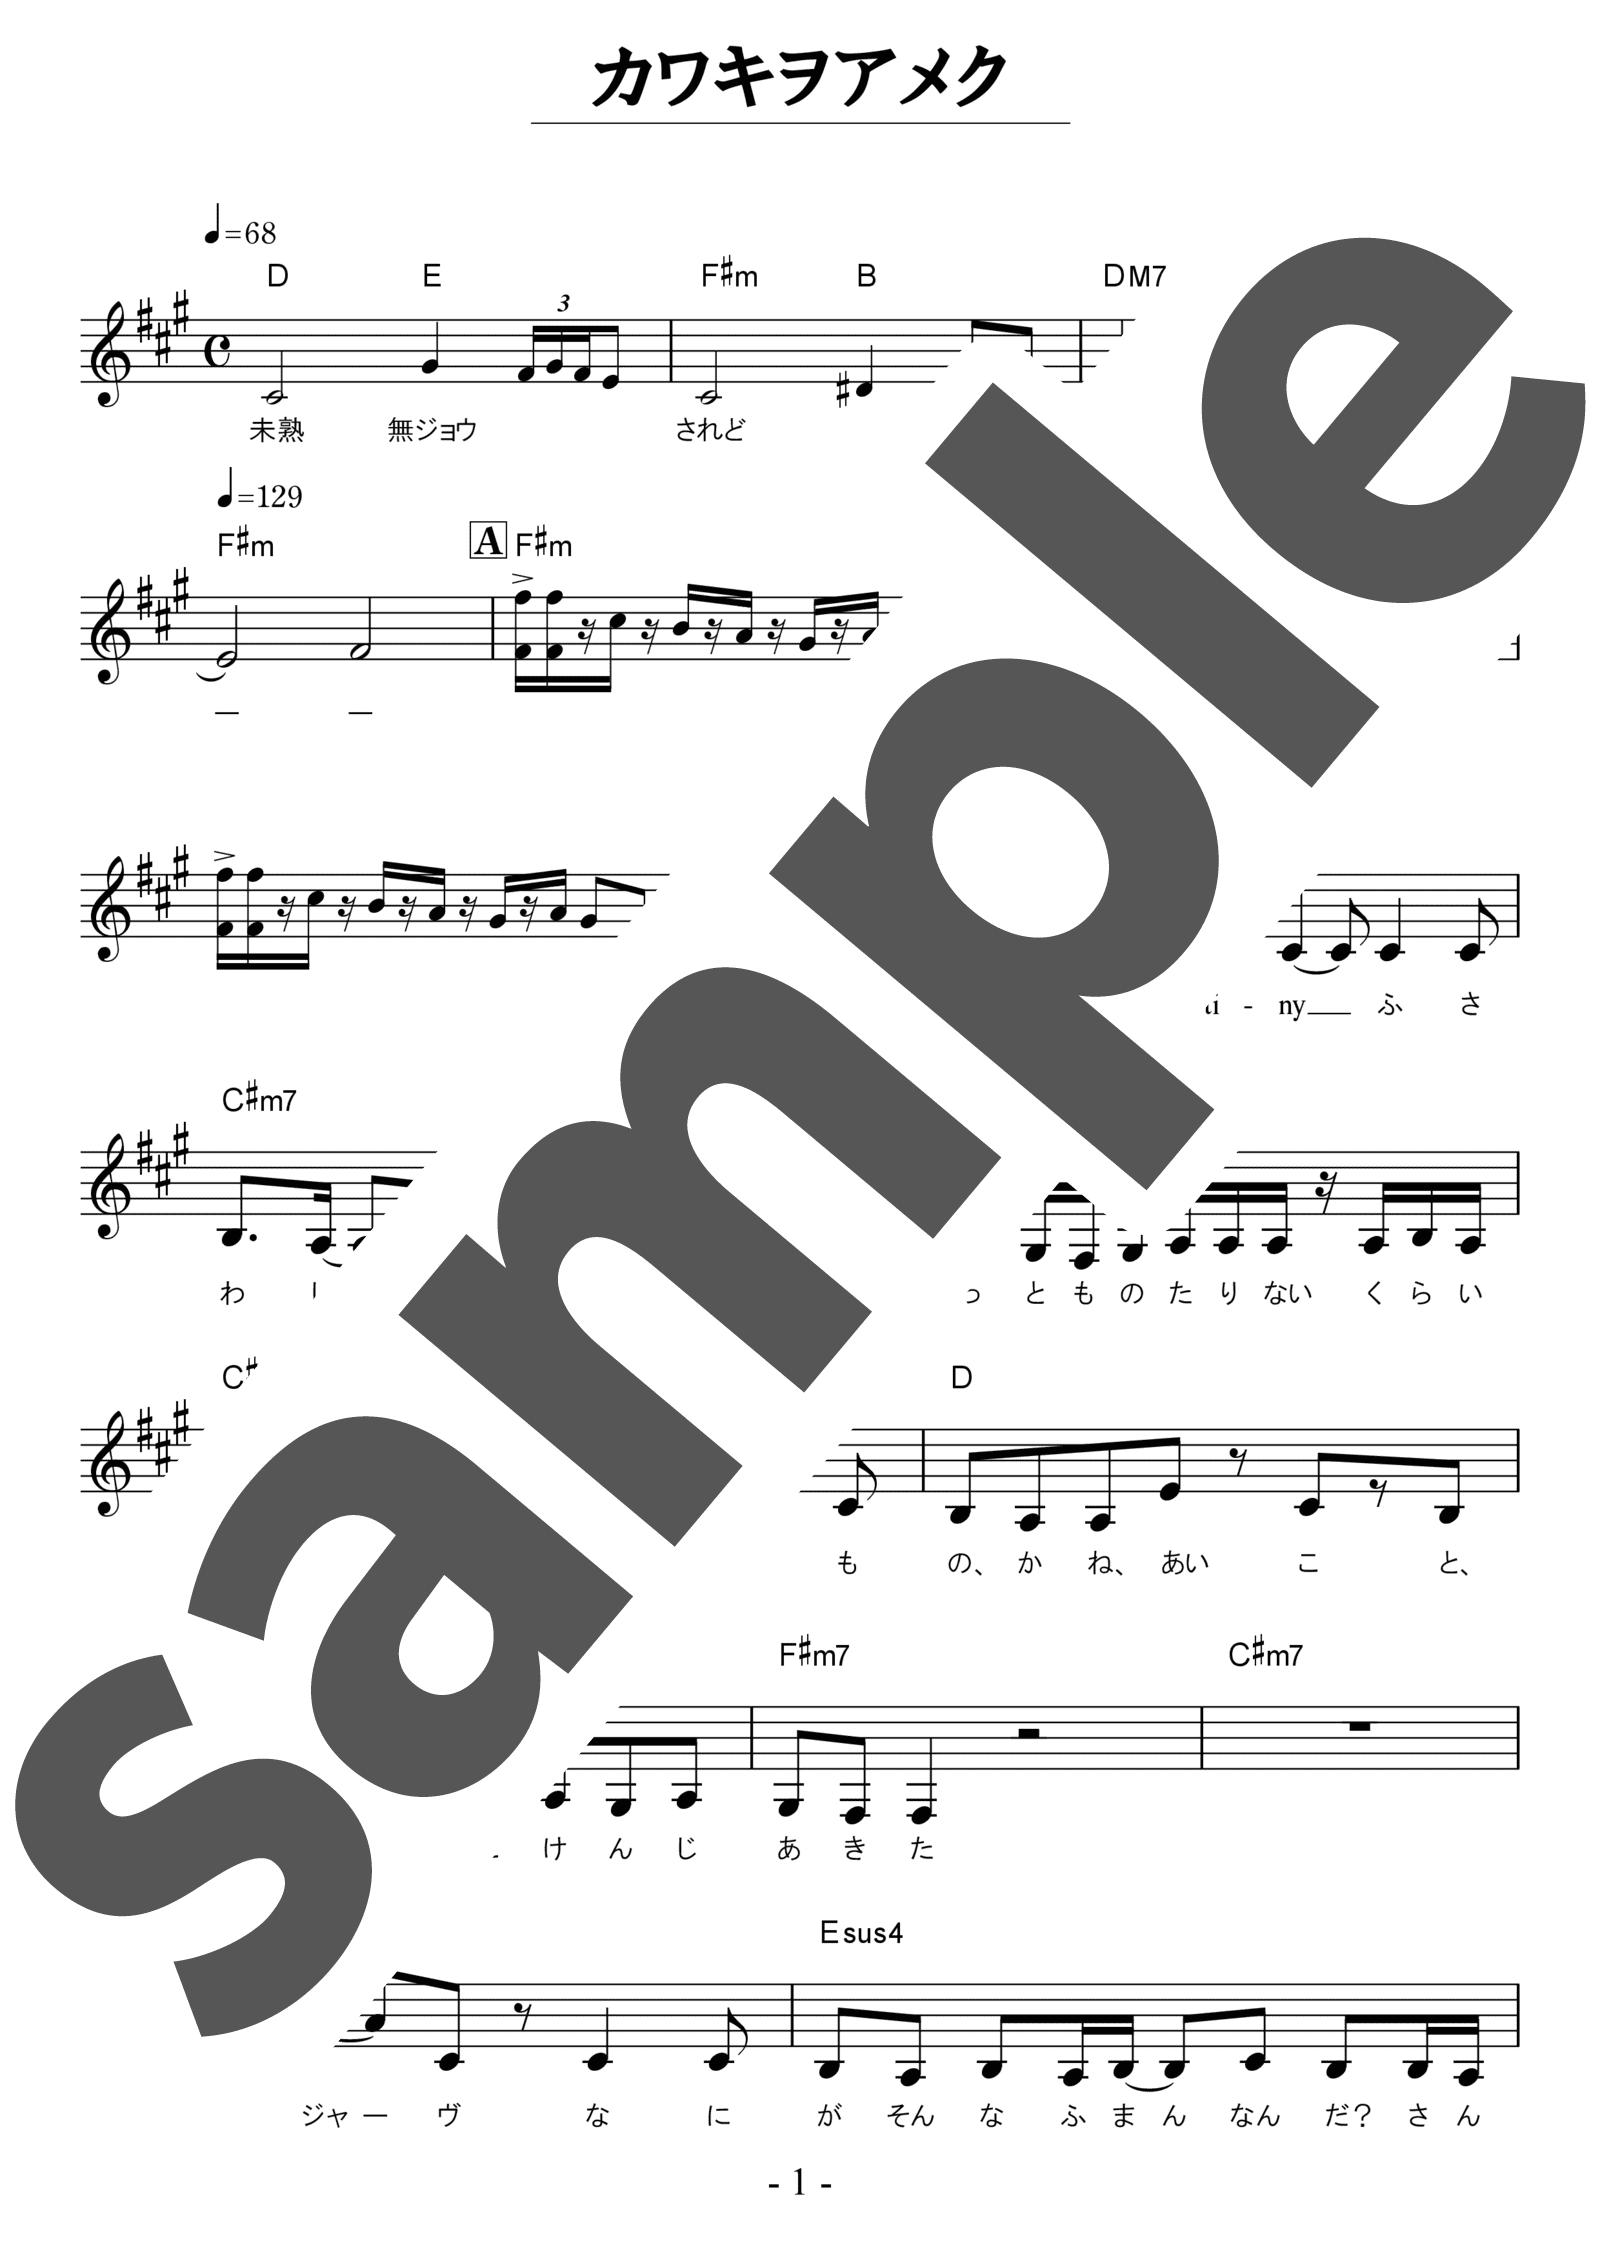 「カワキヲアメク」のサンプル楽譜